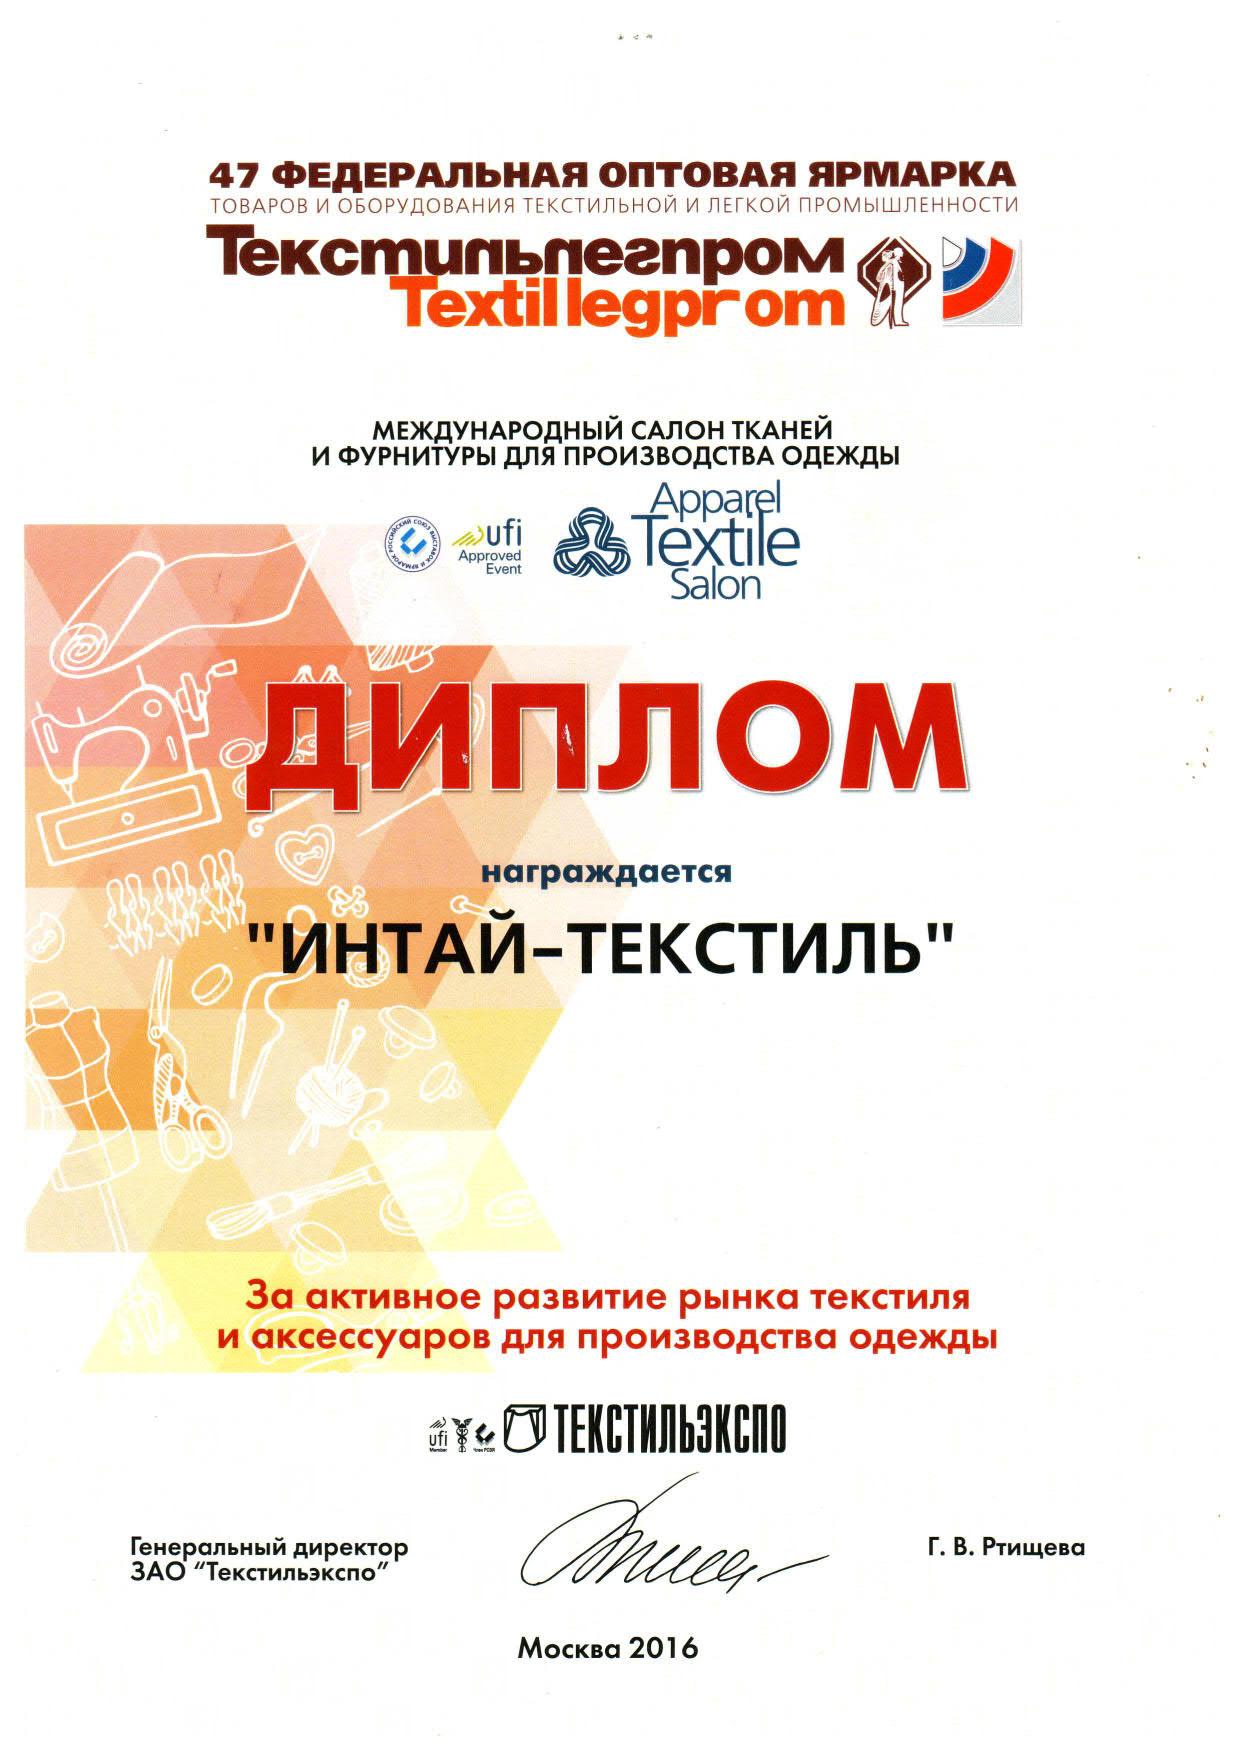 Текстильлегпром